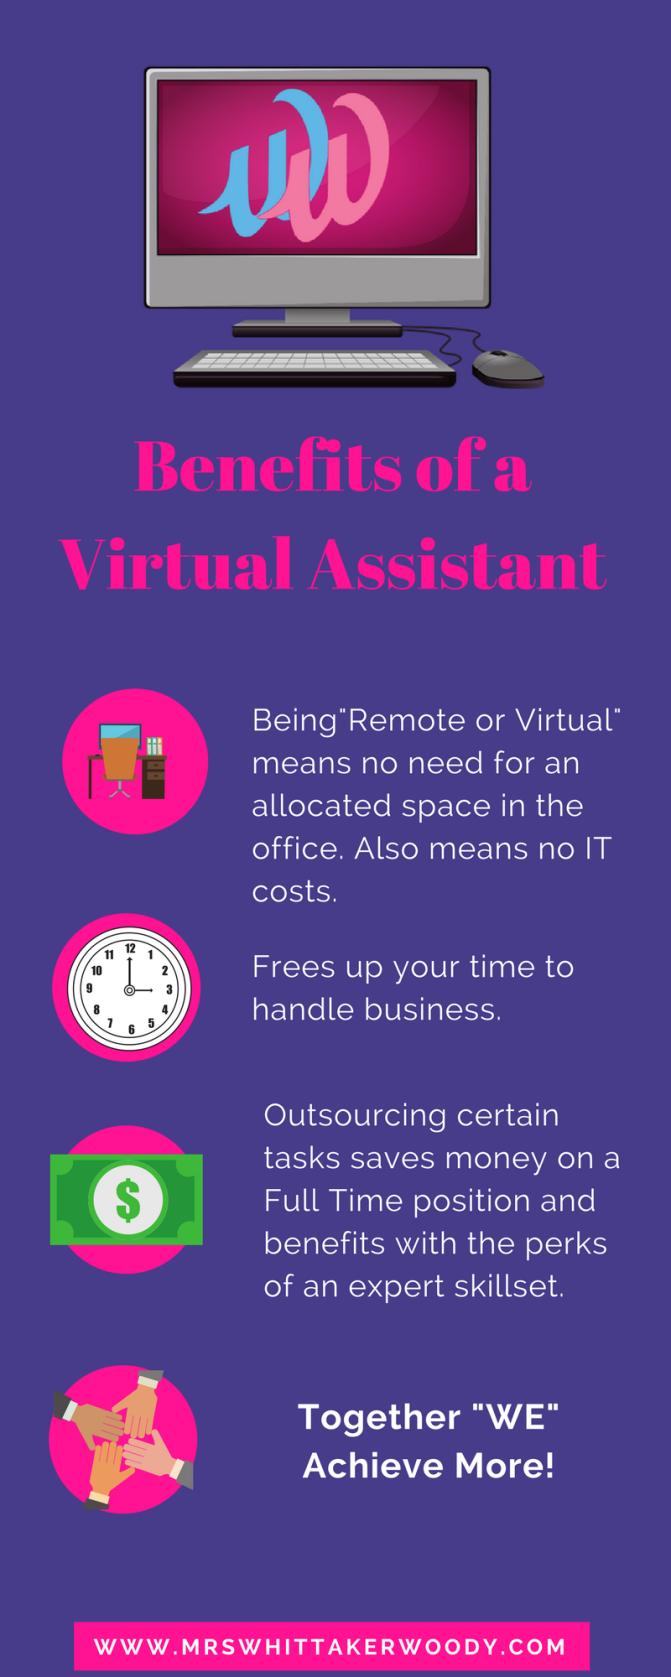 Benefits of a VA